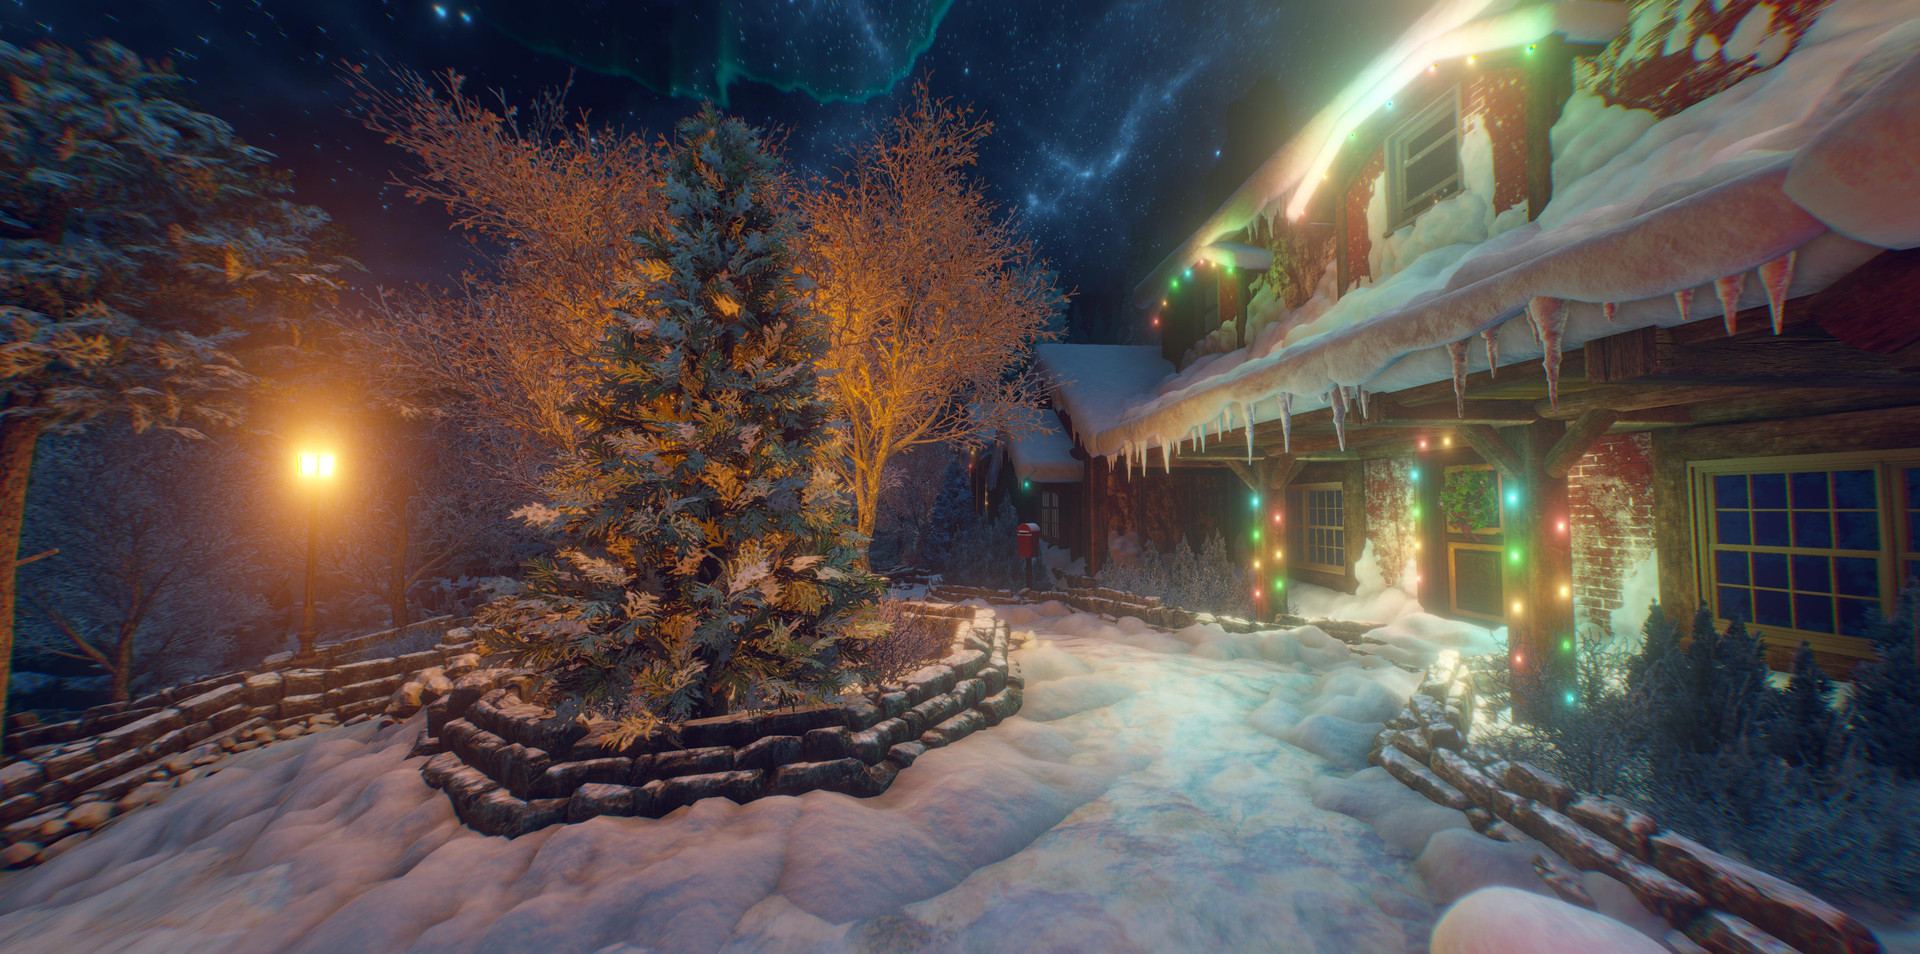 ER_Christmas_7.jpg